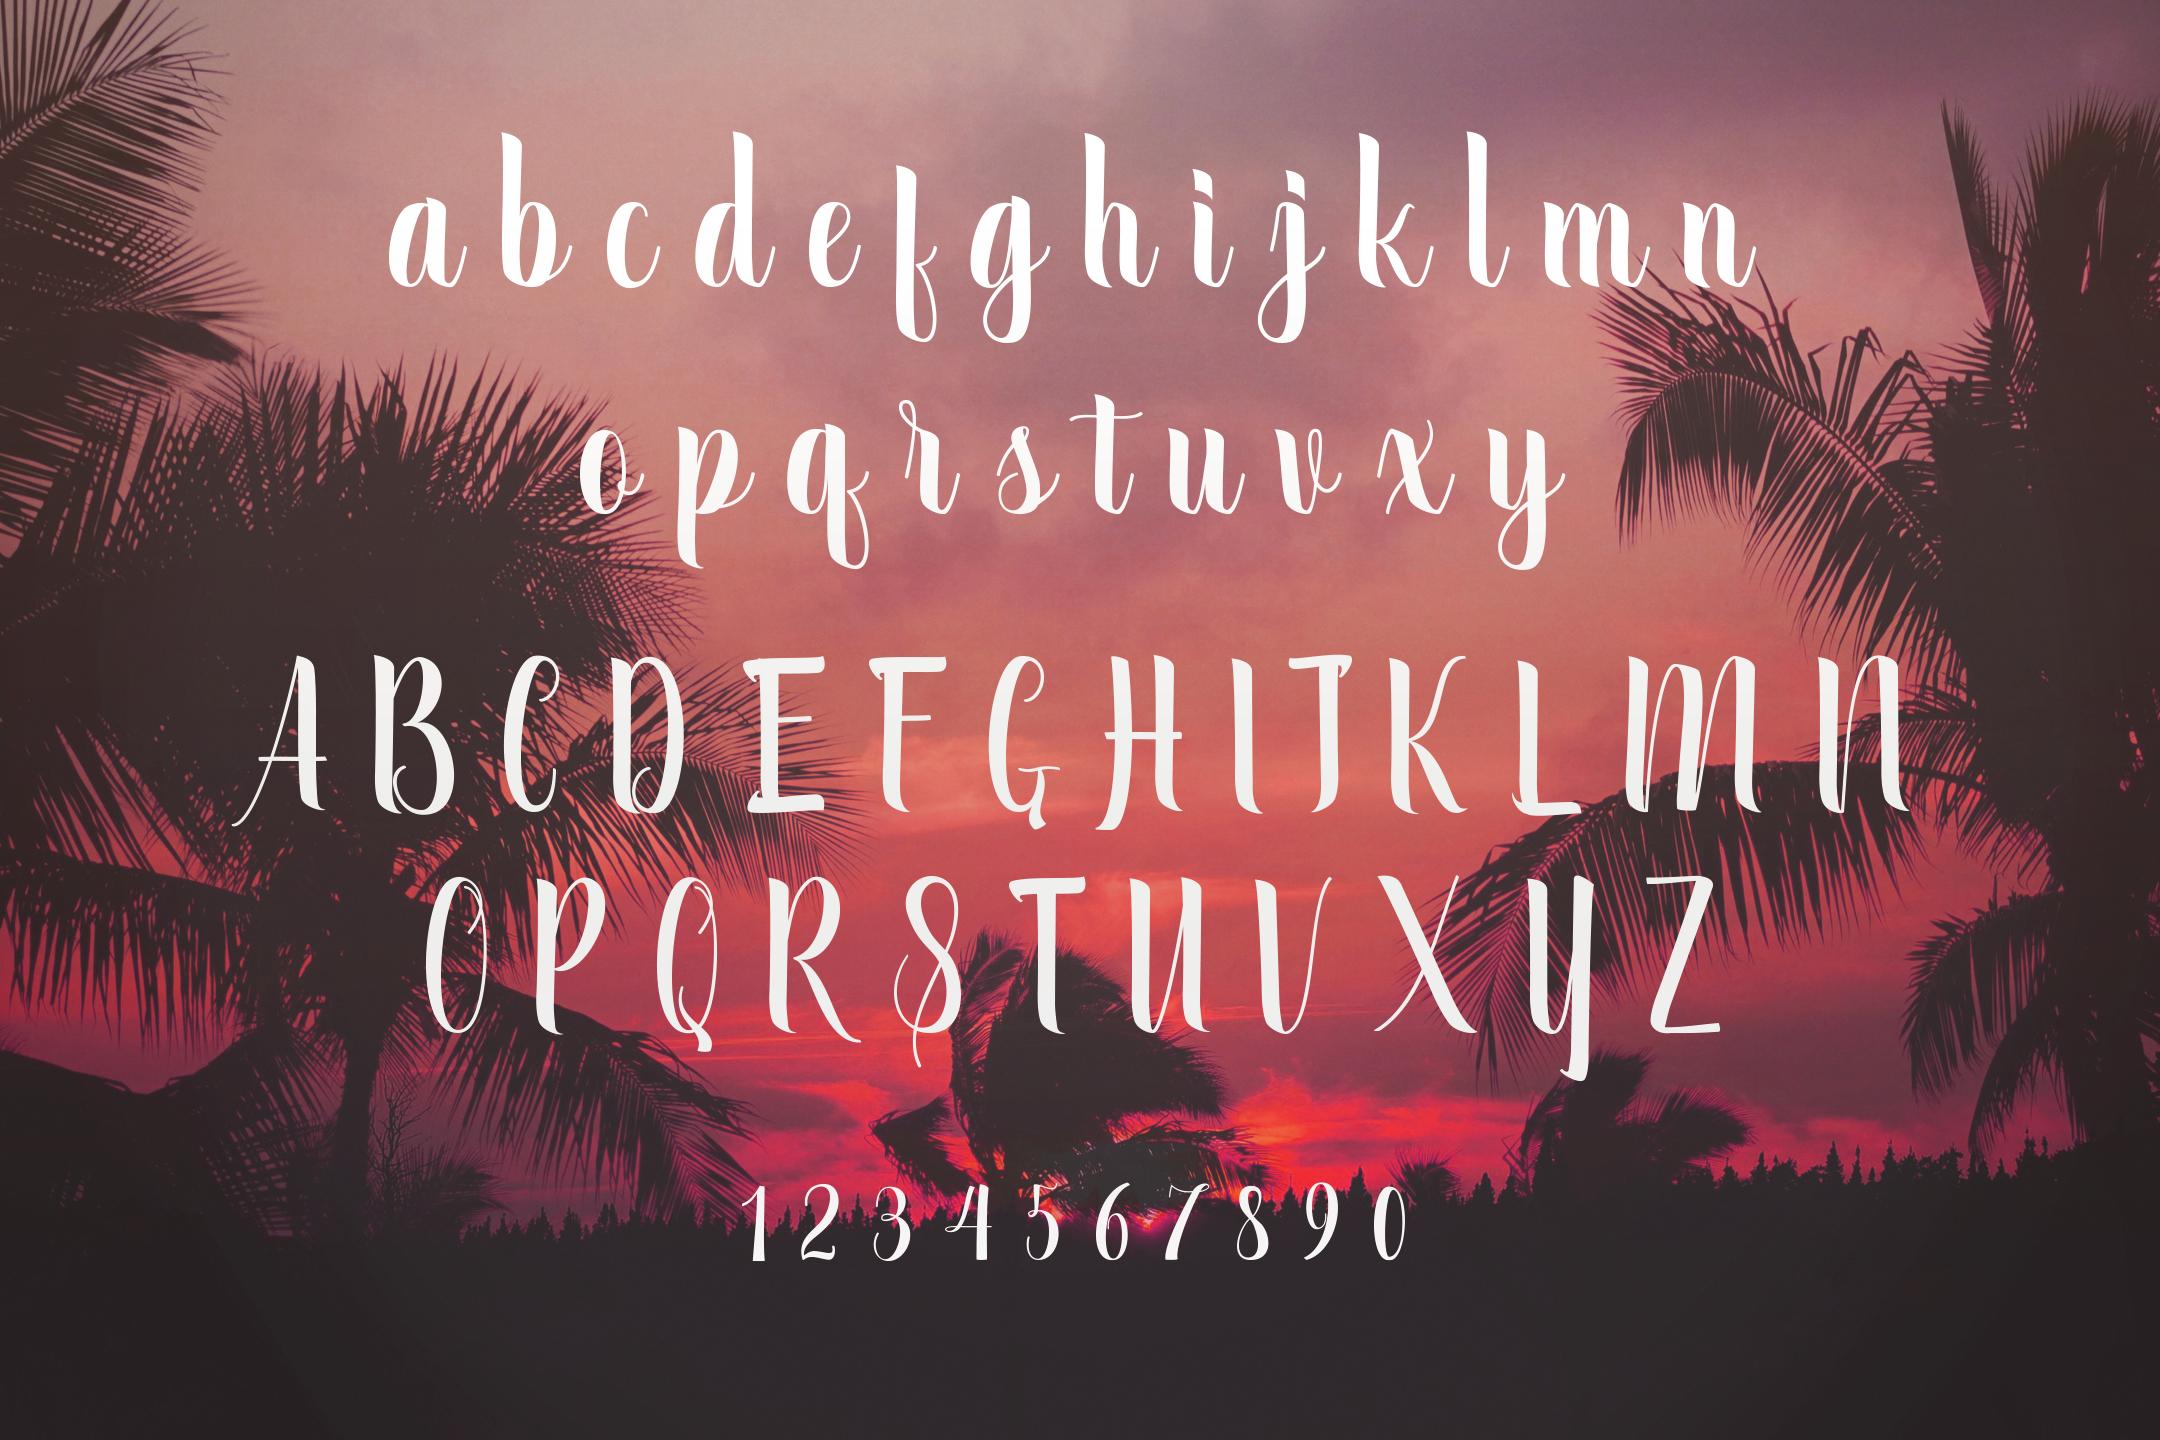 September Script example 4